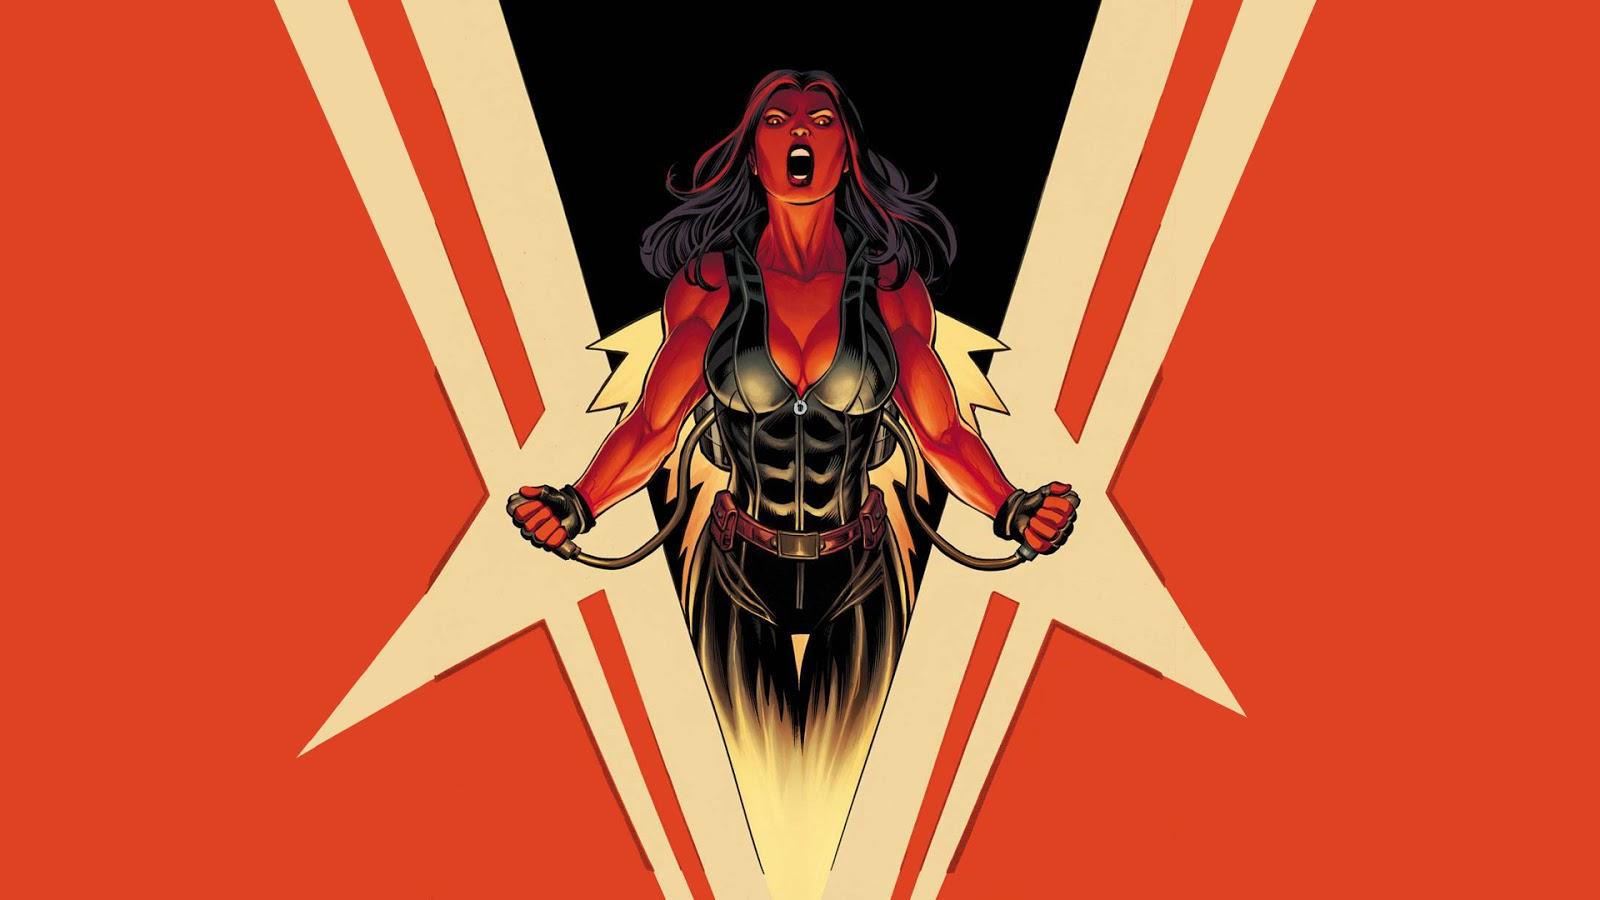 Red She Hulk Wallpaper Wallpapersafari